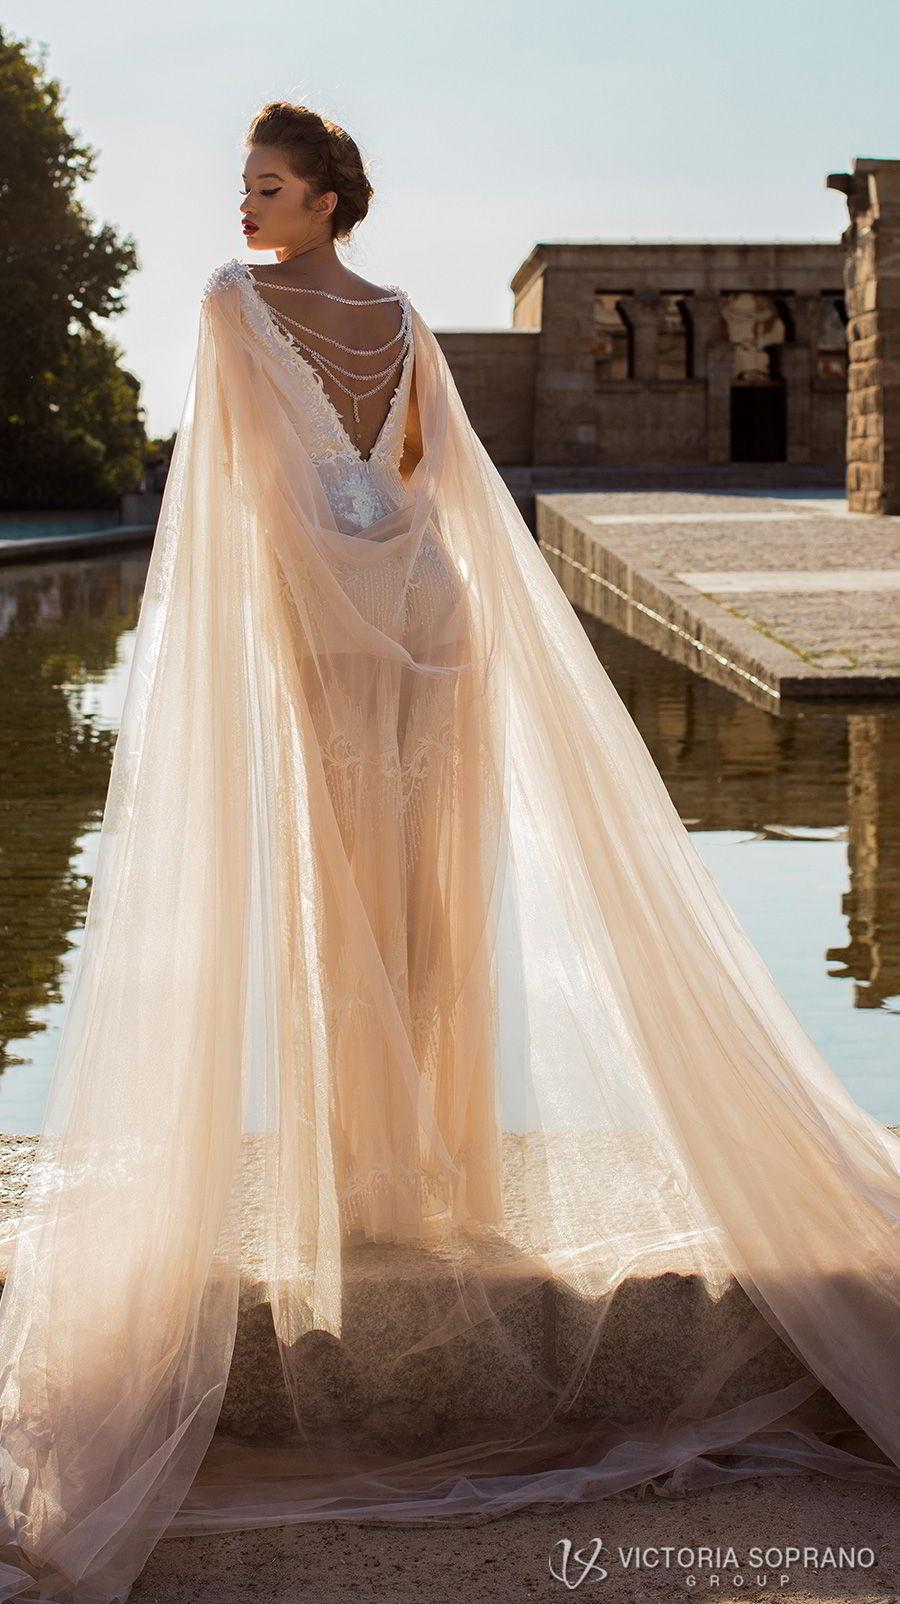 contemporary wedding dresses photo - 1